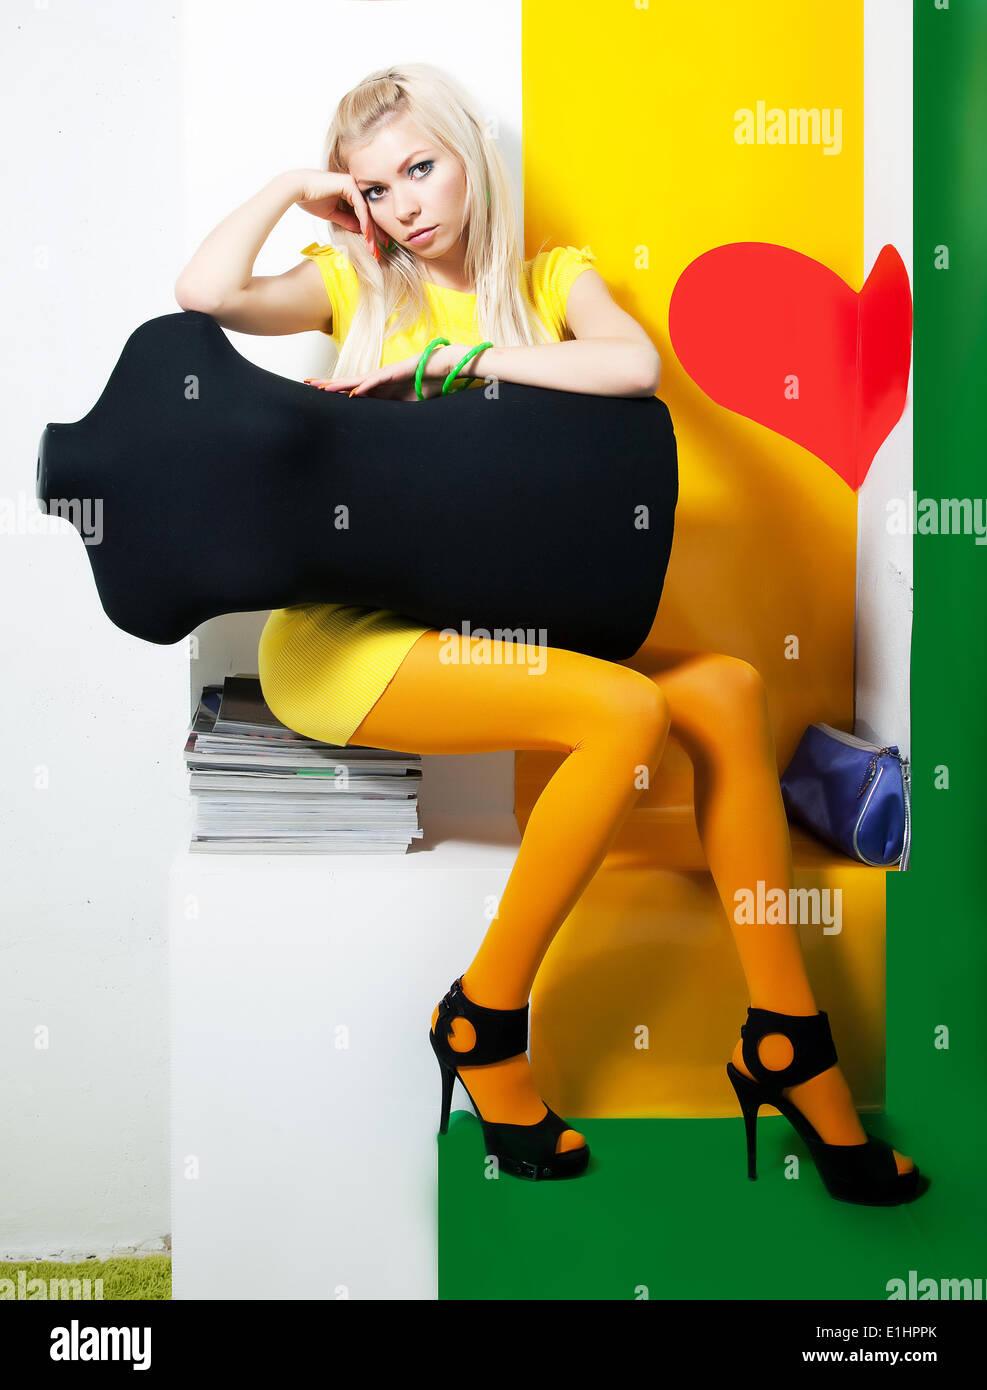 Mujer elegante cabello rubio posando en el estudio con maniquí negro Foto de stock